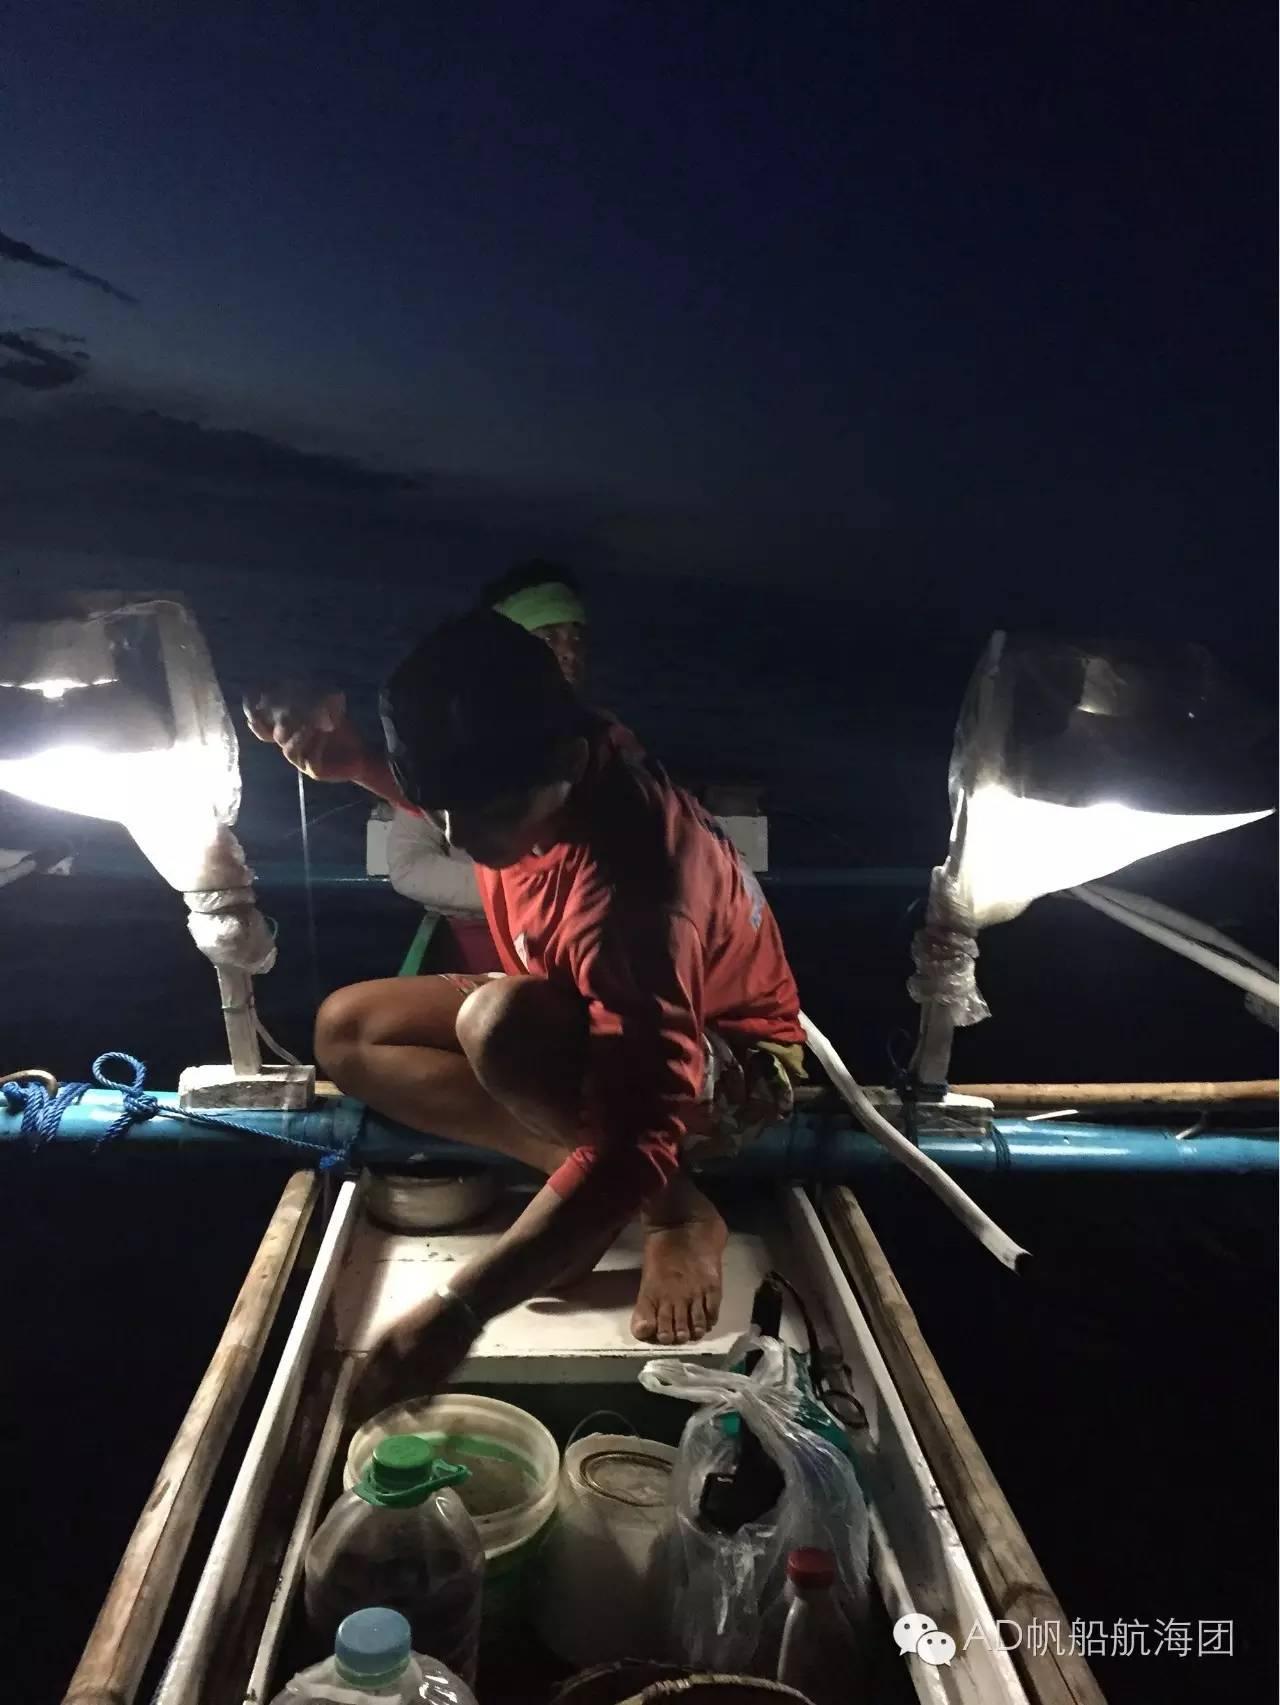 帆船游记二十三:甘米银岛夜捕金枪鱼 f4fa2f9d903775920edeefd950faa079.jpg